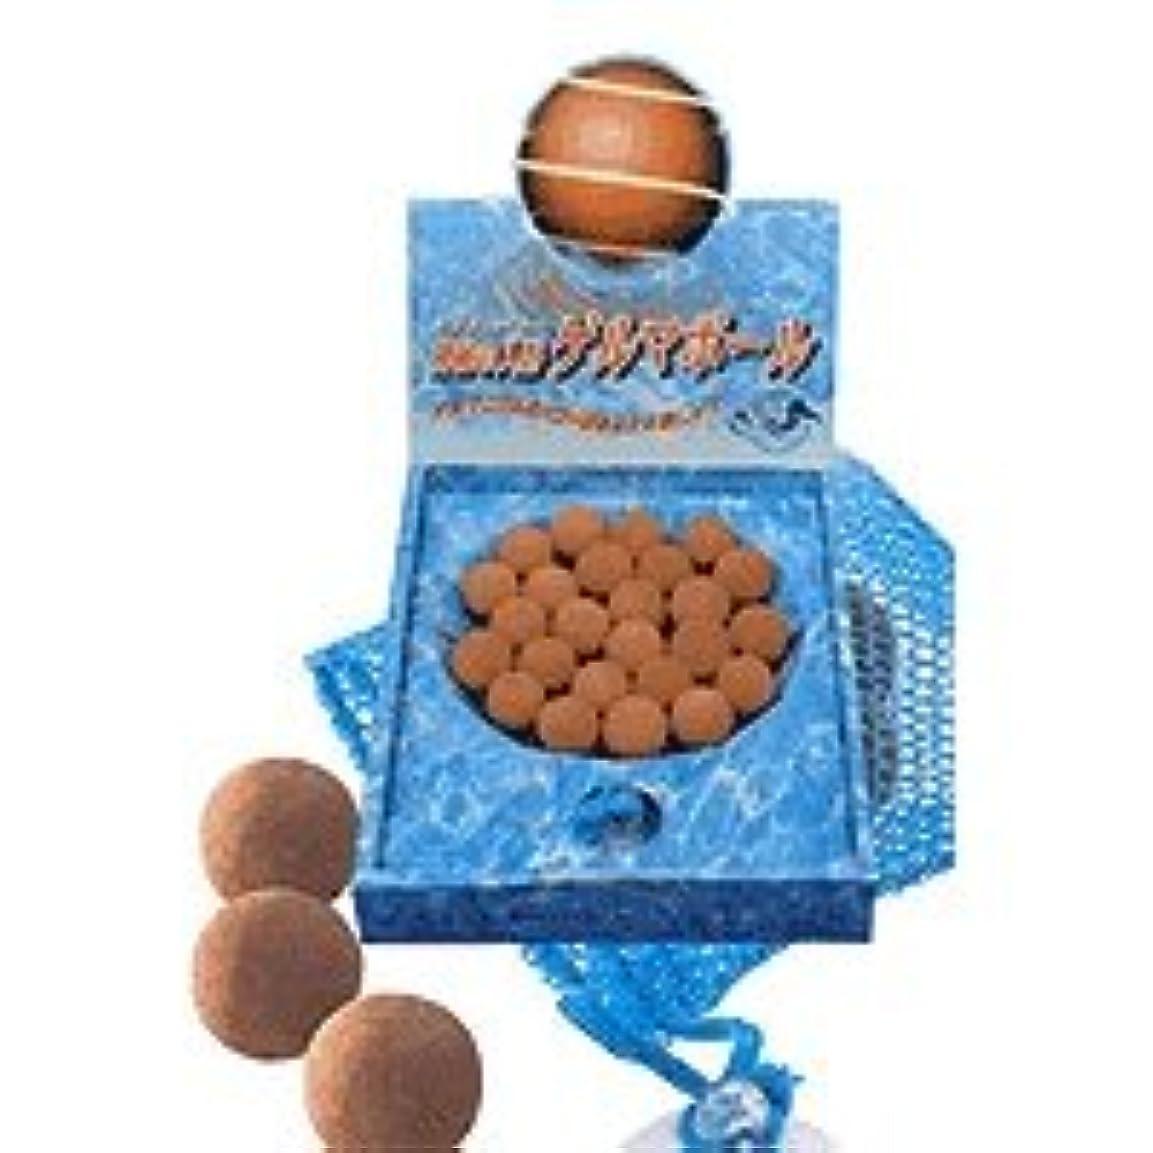 補助申込みタンパク質ゲルマボール ゲルマボールゲルマボール220g+吸盤付メッシュ袋1枚